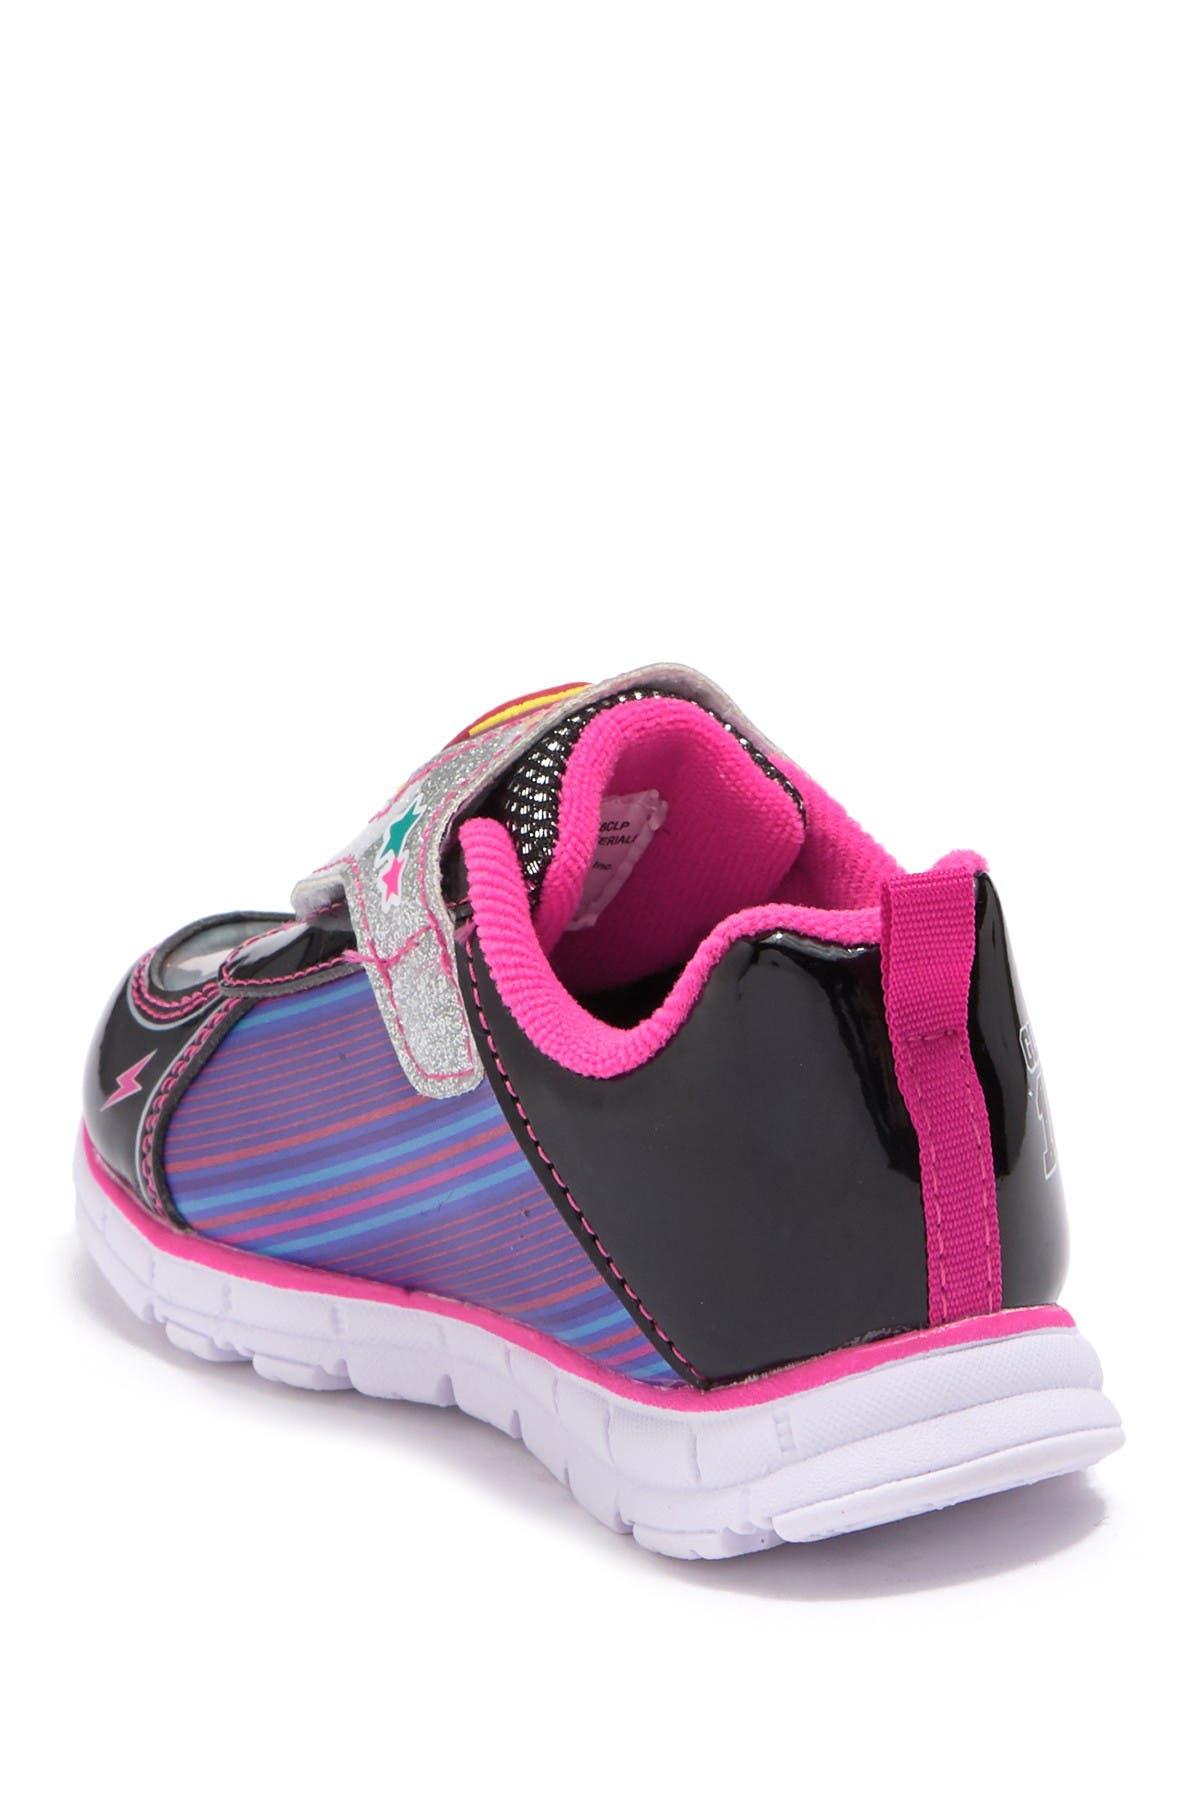 surprise light up shoes